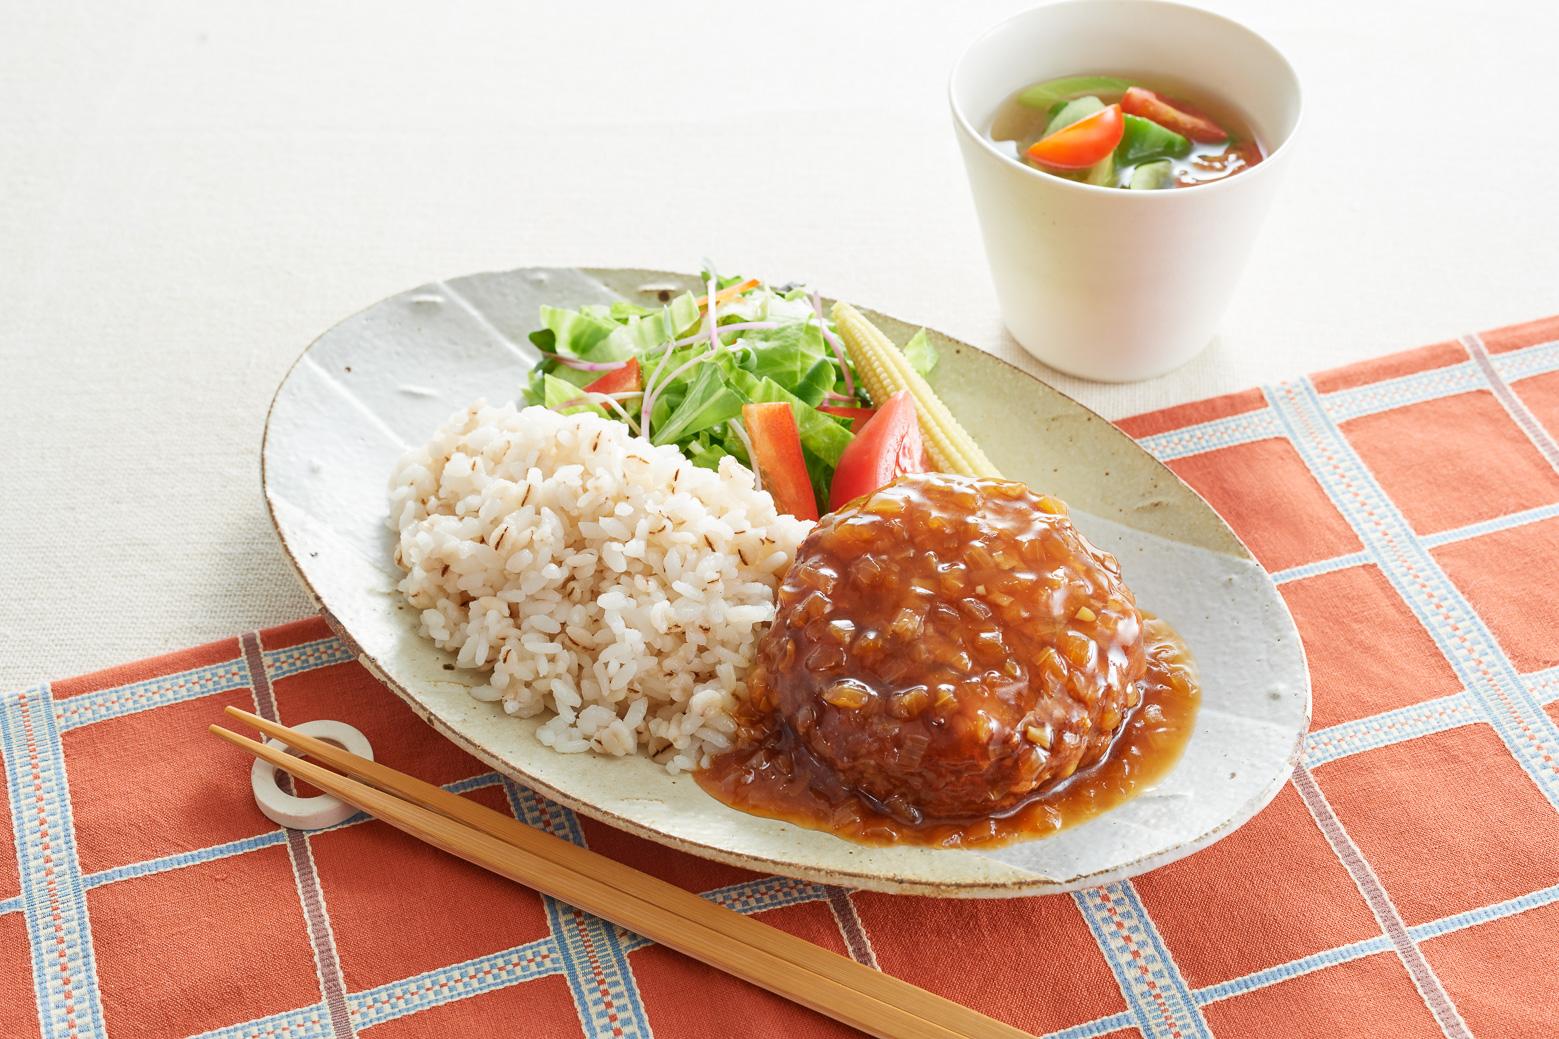 愛知県大府市産 知多3号玉ねぎ使用ハンバーグ たまり醤油のオニオンソース 食卓イメージ